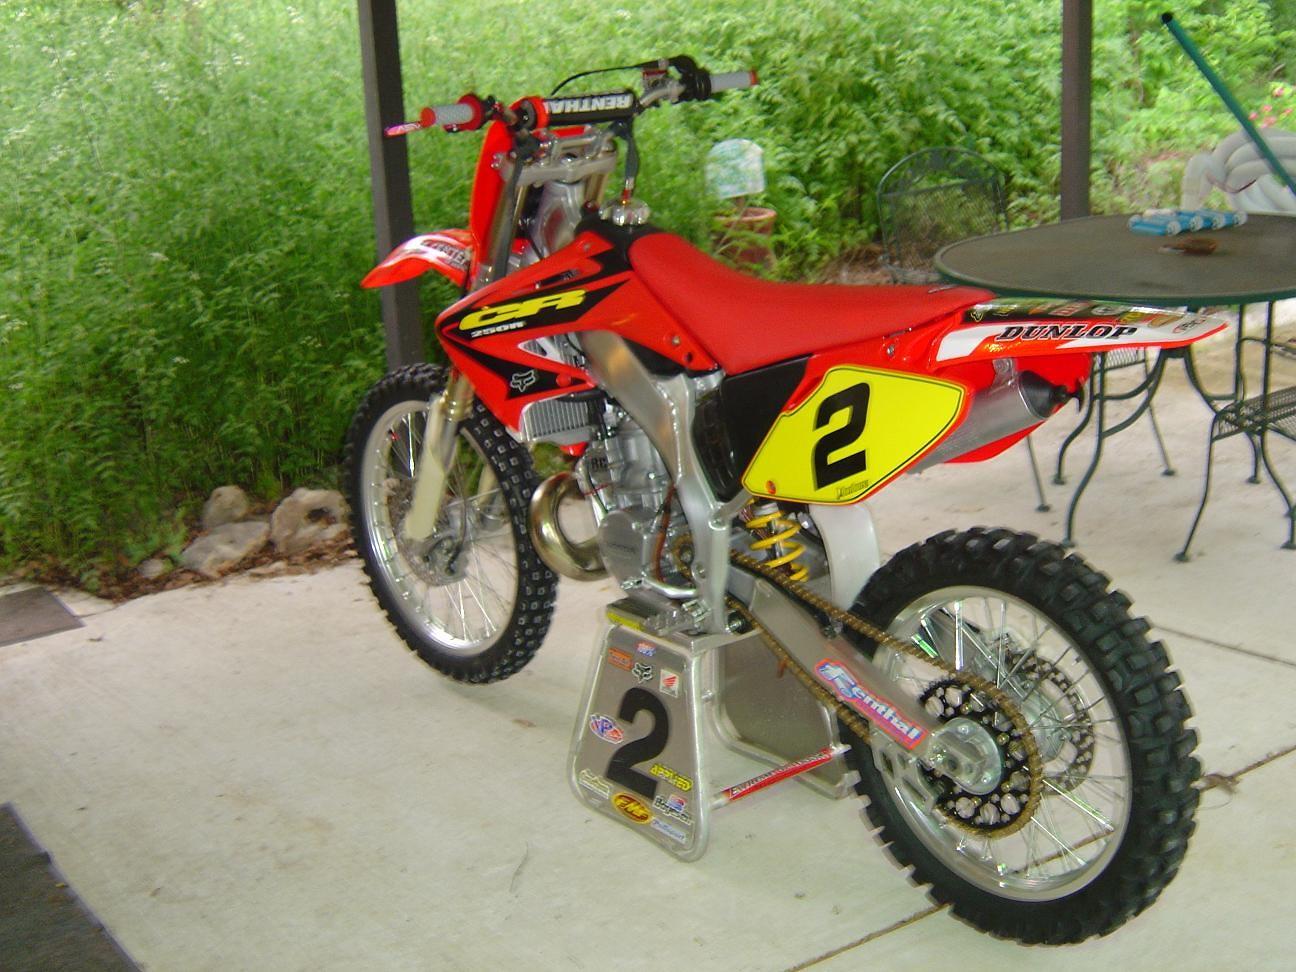 DSC02836-1 - Rideredmx2 - Motocross Pictures - Vital MX